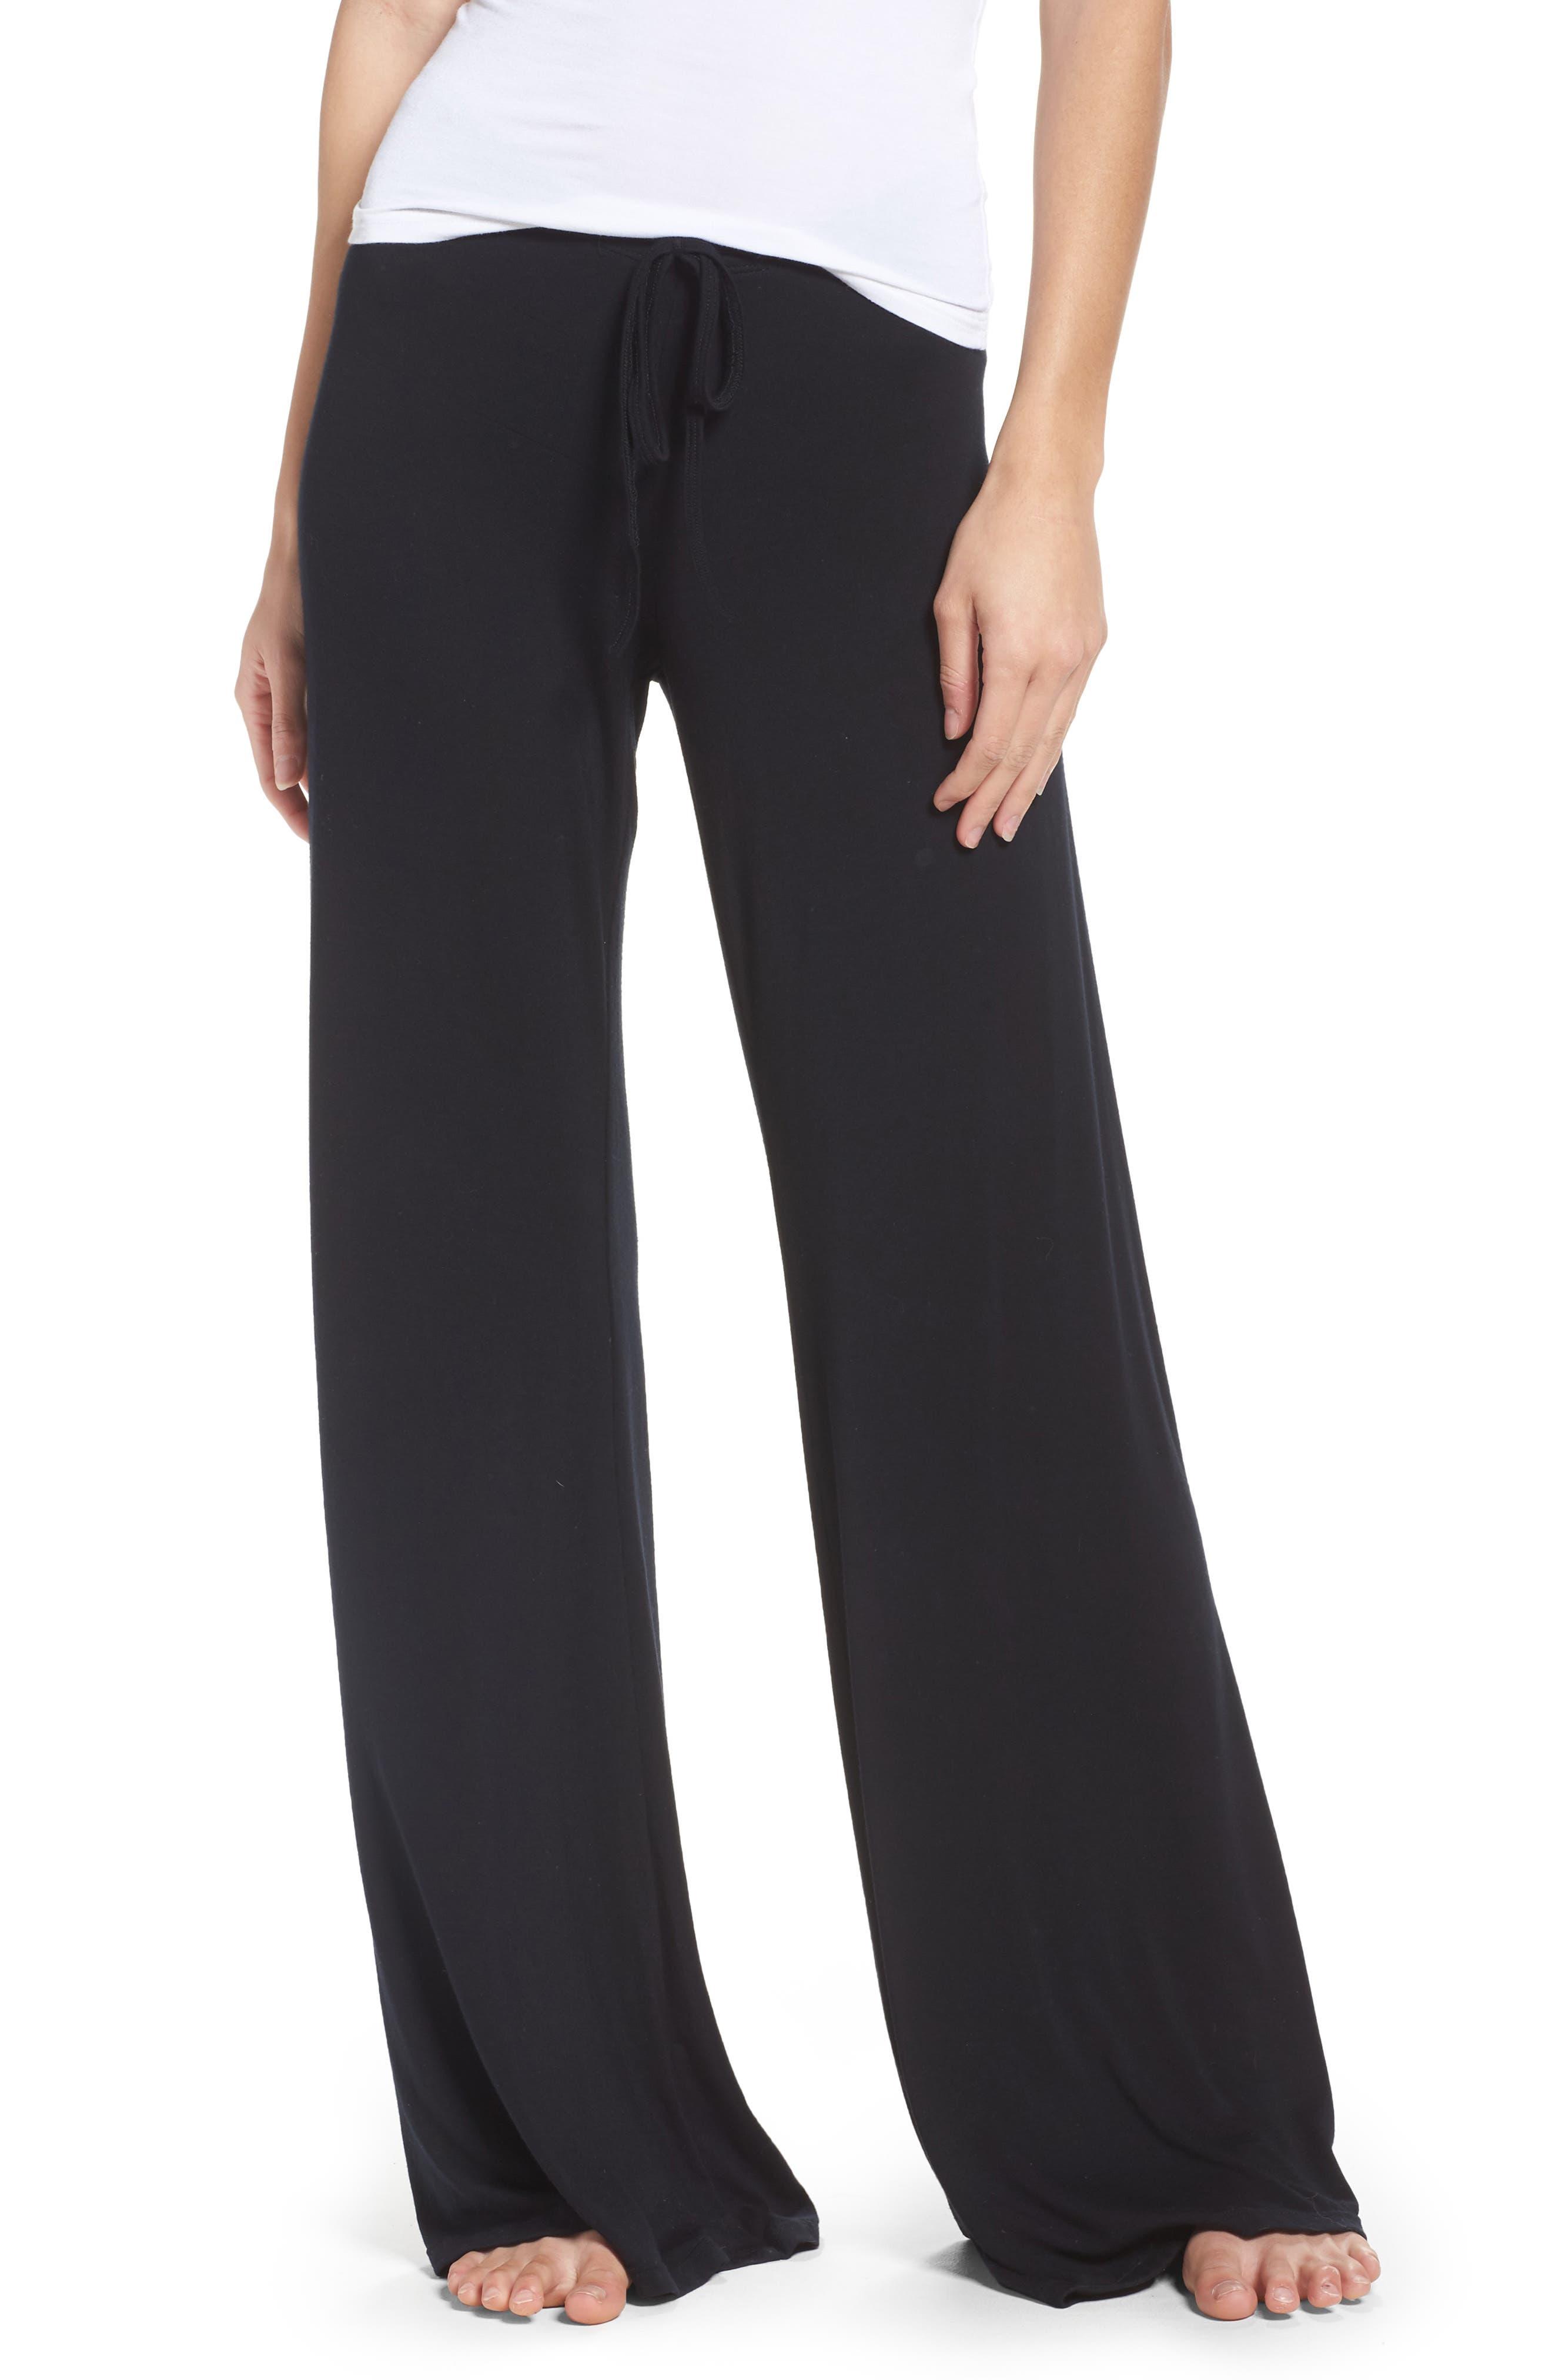 Golden Wide Leg Pants,                         Main,                         color, Black